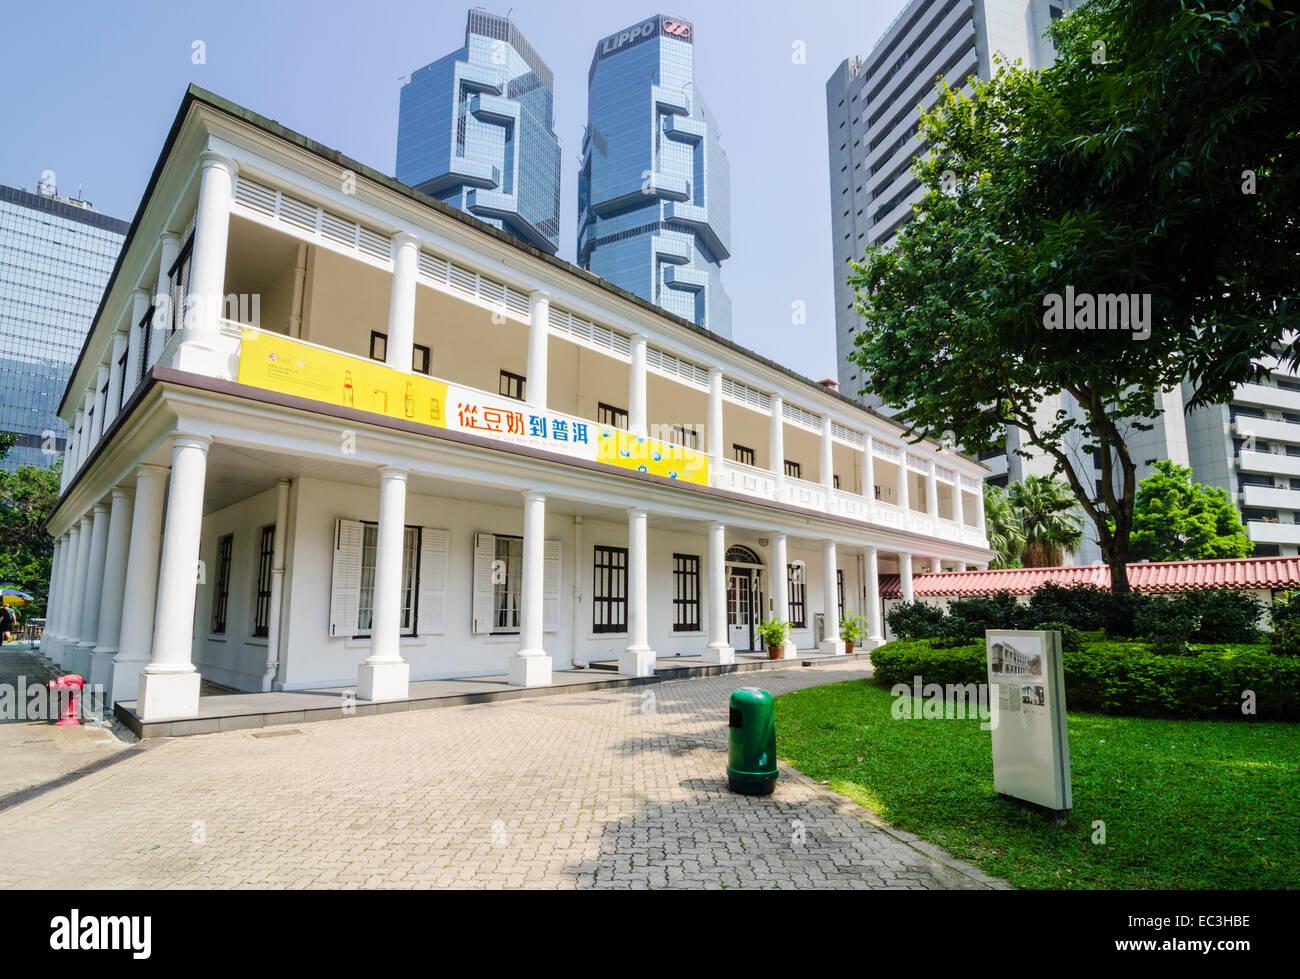 Buy House Hong Kong 28 Images Buy House Hong Kong 28